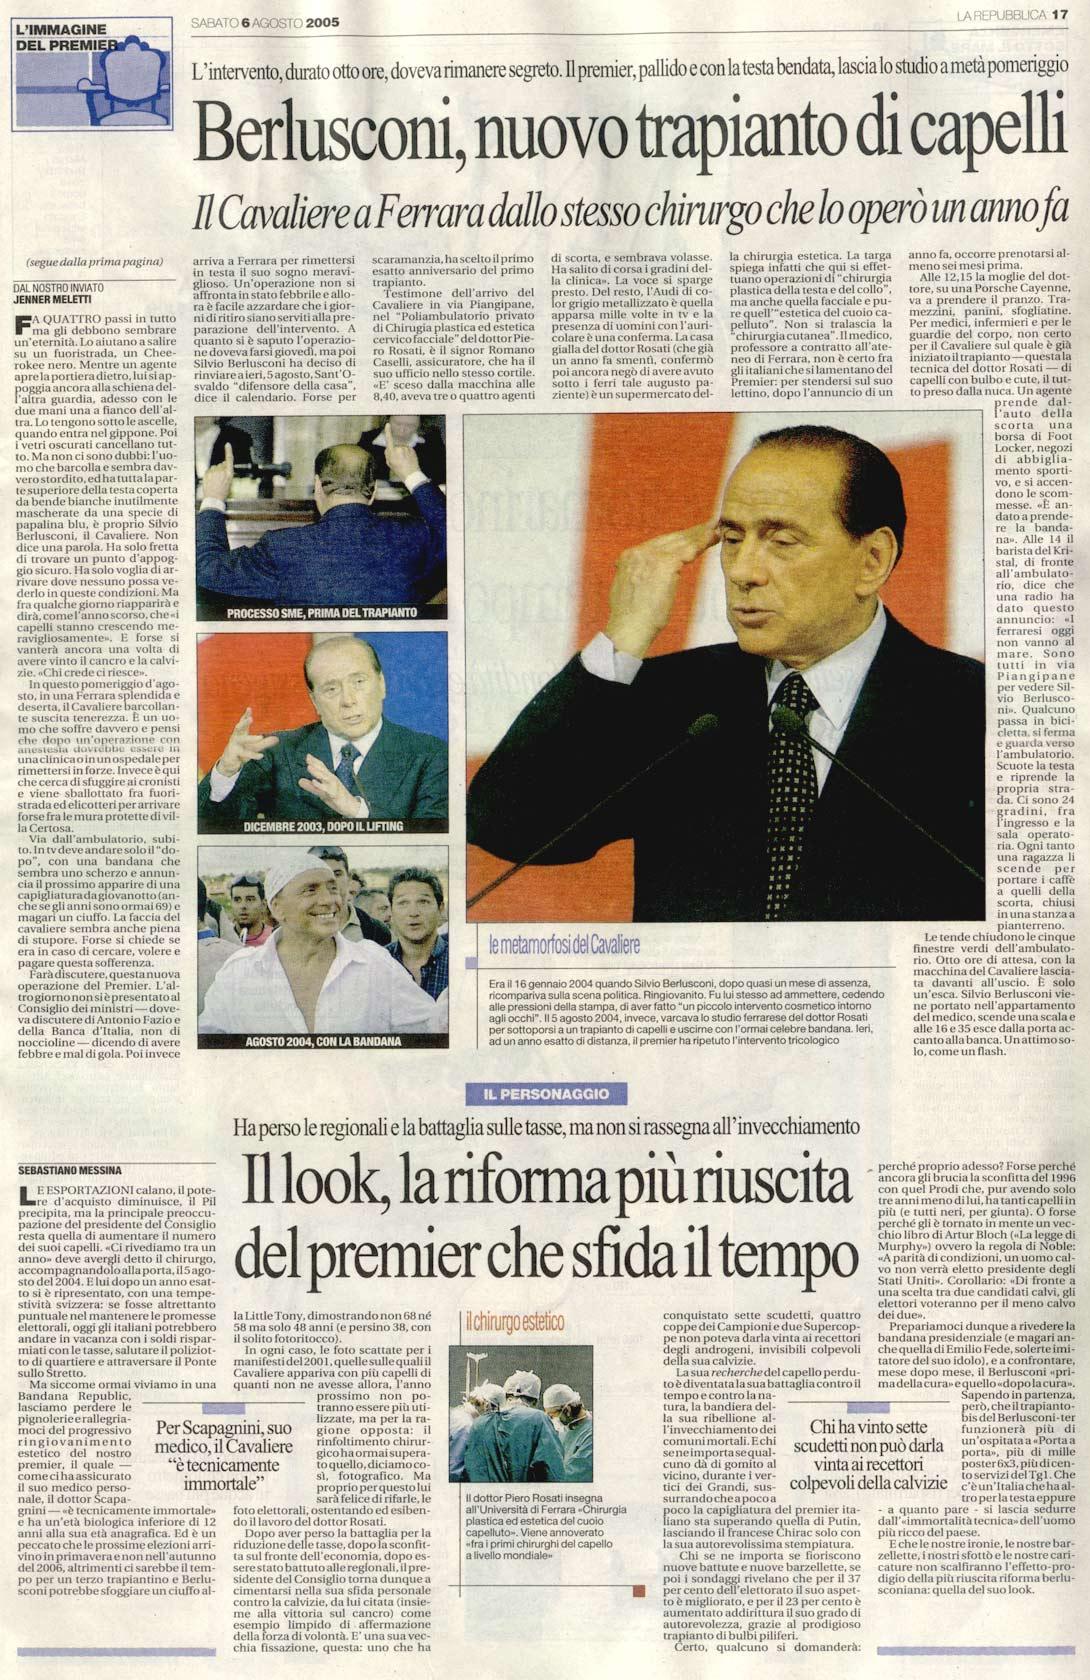 Il nuovo trapianto del Cavaliere - La Repubblica articolo